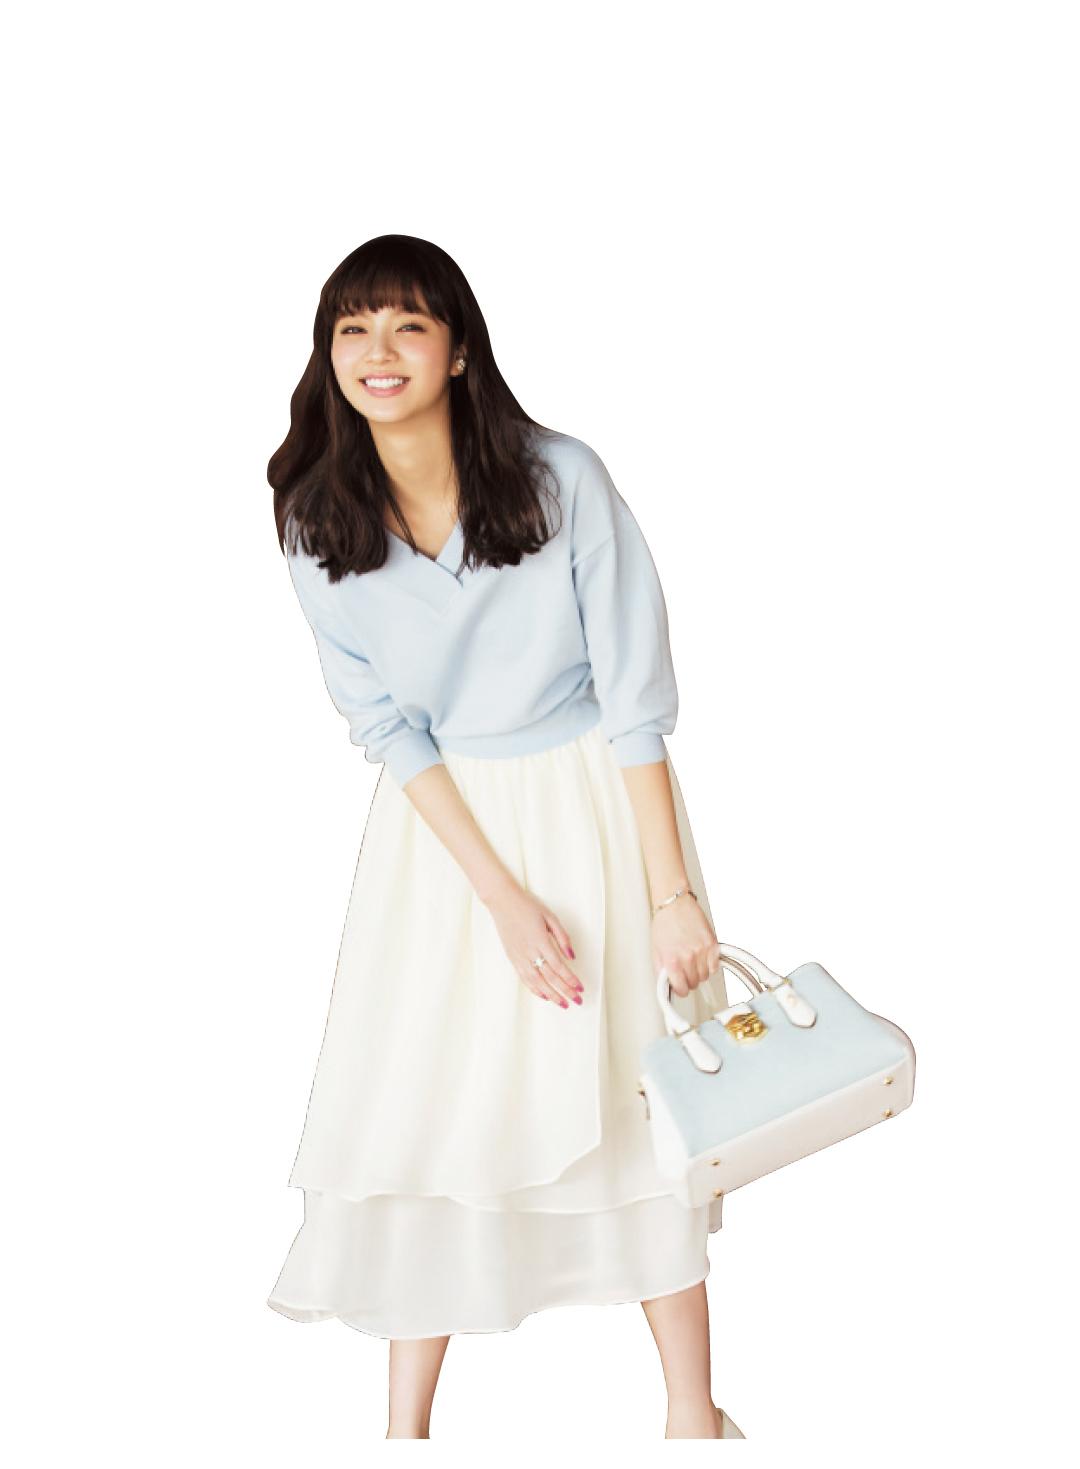 男子モテも女子モテもOK★夏の「白×ブルー」コーデ最新はコチラ!_1_1-2